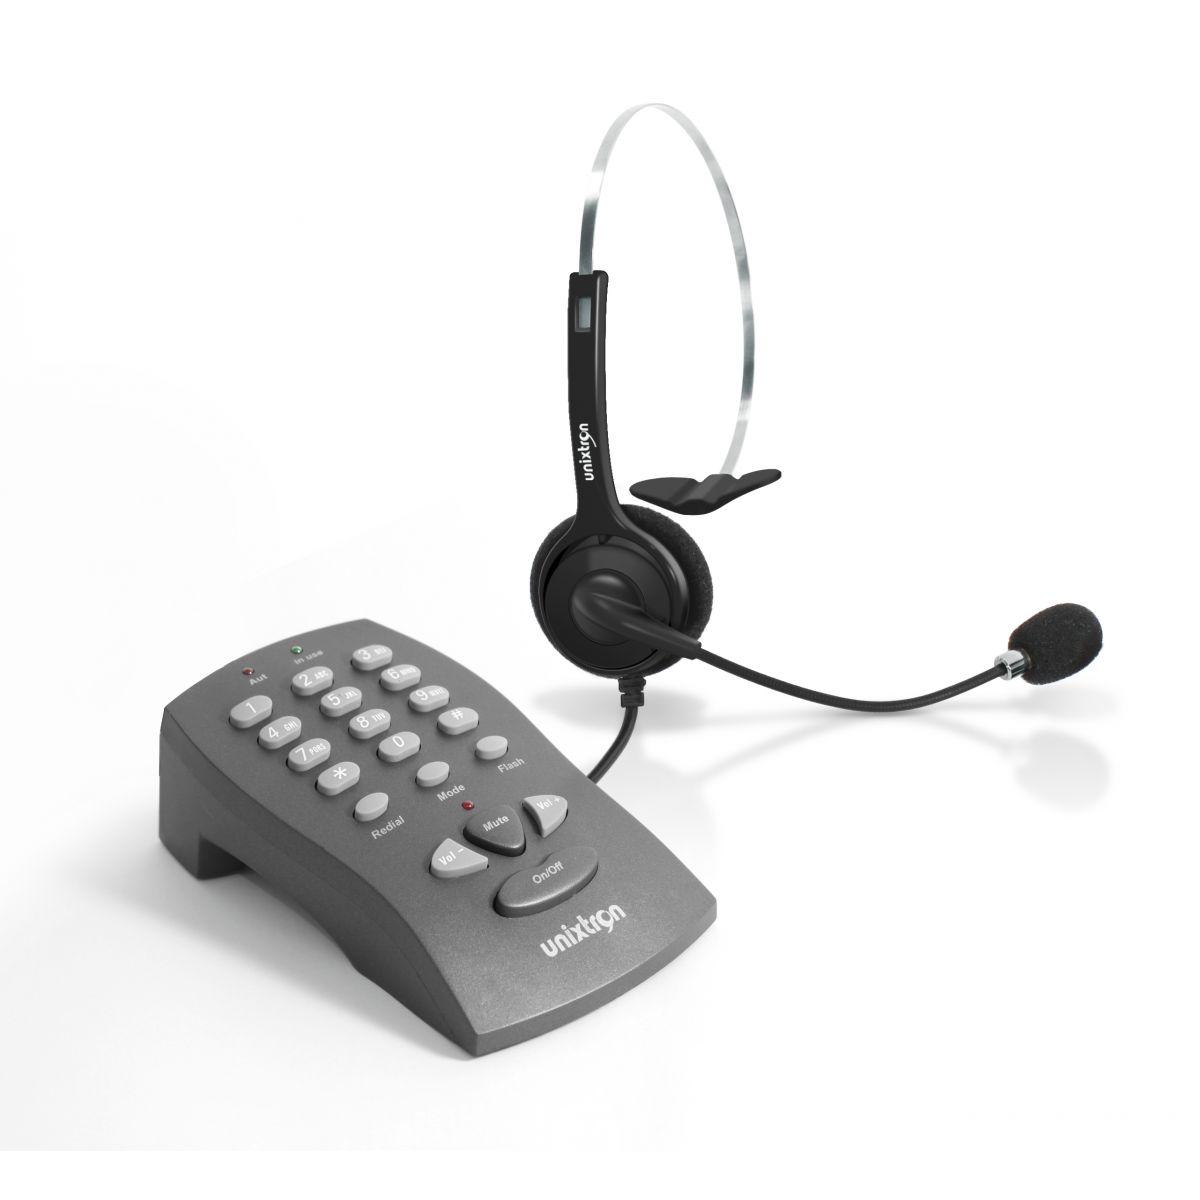 Base Discadora Orion Unixtron - funções flash 100,300 e 600ms, redial,mute, controle de volume, ajuste externo de transmissão com headset Cygnus Flex